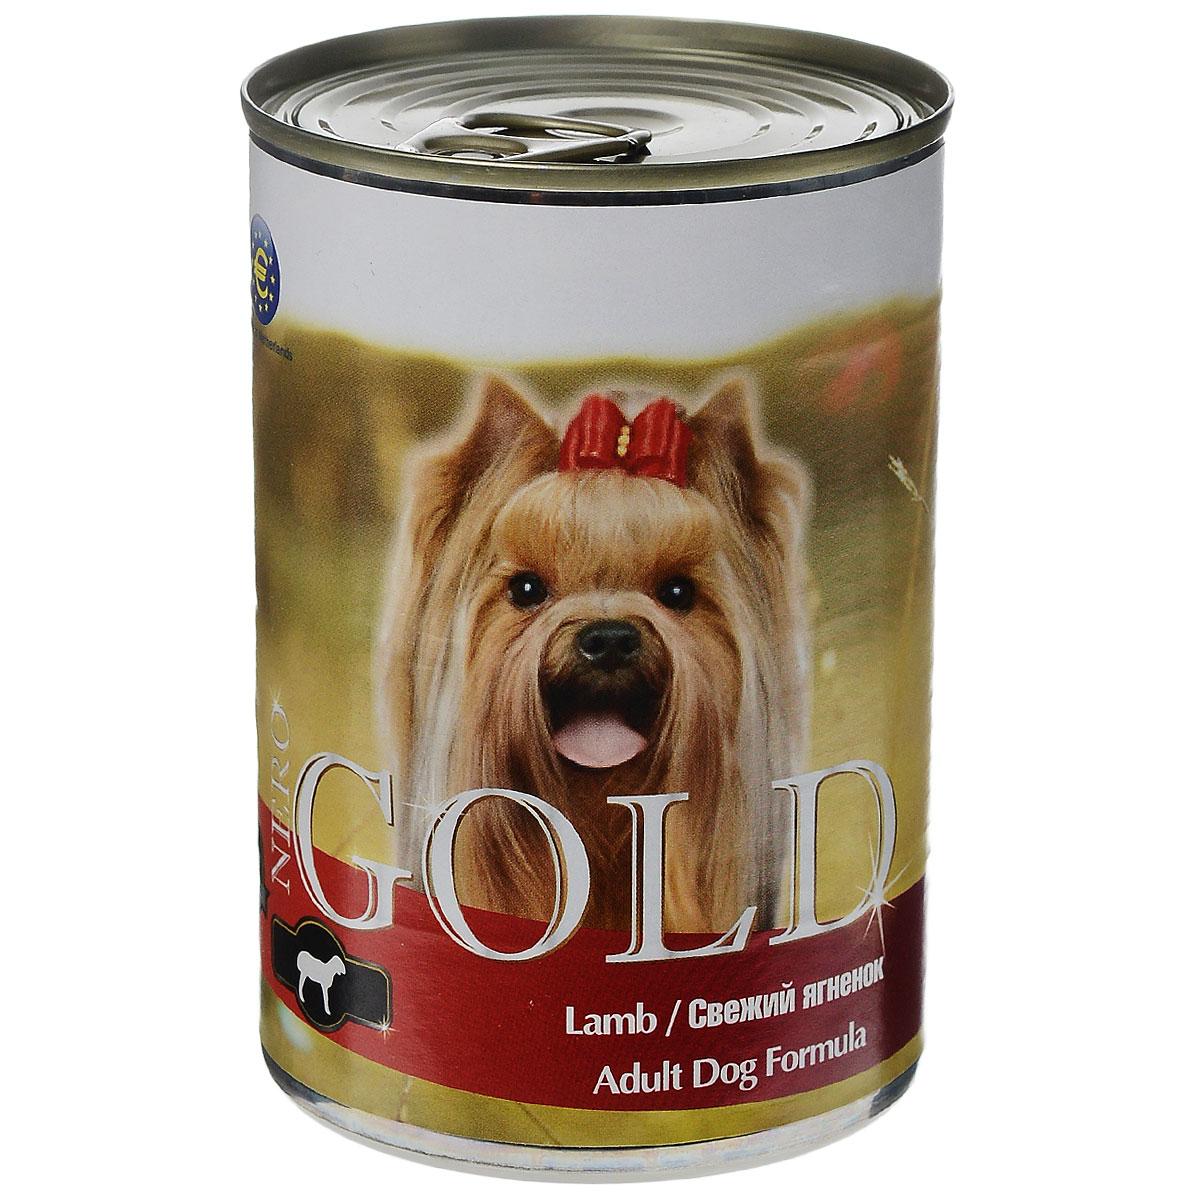 Консервы для собак Nero Gold, свежий ягненок, 410 г10323Консервы для собак Nero Gold - полнорационный продукт, содержащий все необходимые витамины и минералы, сбалансированный для поддержания оптимального здоровья вашего питомца! Состав: мясо и его производные, филе курицы, филе ягненка, злаки, витамины и минералы. Гарантированный анализ: белки 6,5%, жиры 4,5%, клетчатка 0,5%, зола 2%, влага 81%. Пищевые добавки на 1 кг продукта: витамин А 1600 МЕ, витамин D 140 МЕ, витамин Е 10 МЕ, железо 24 мг, марганец 6 мг, цинк 15 мг, медь 1 мг, магний 200 мг, йод 0,3 мг, селен 0,2 мг. Вес: 410 г. Товар сертифицирован.